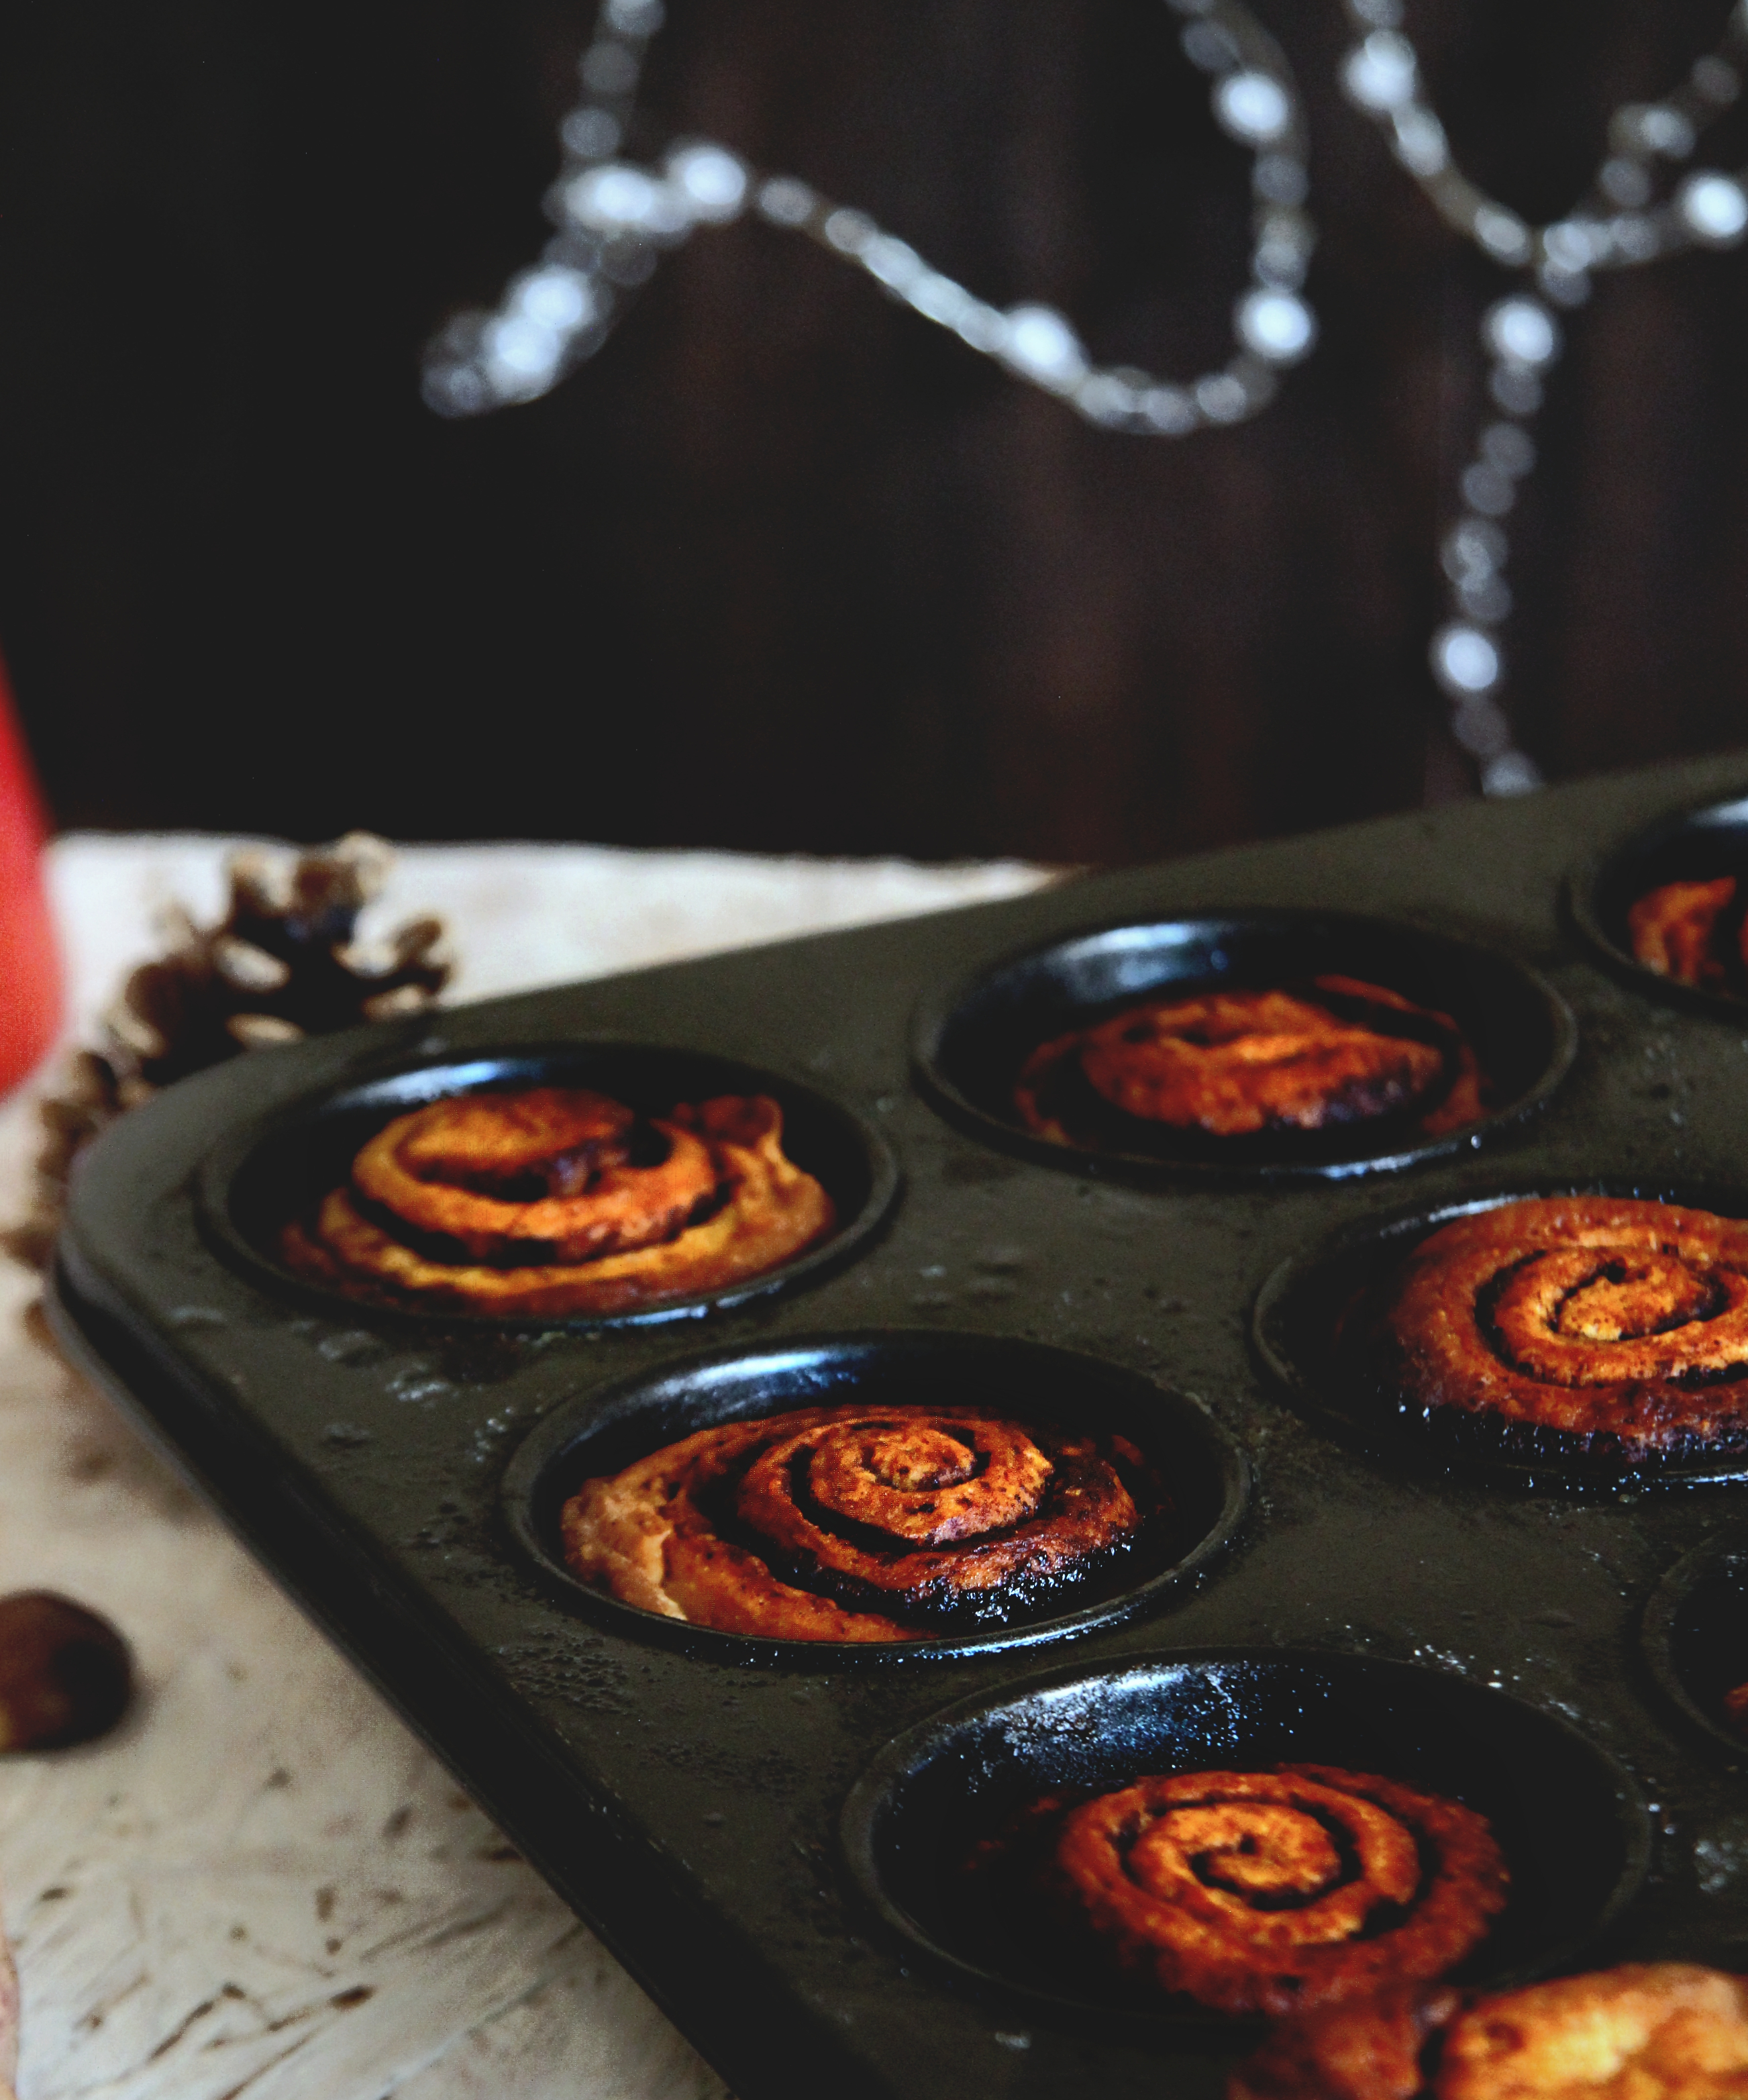 kakaós csiga muffin formában sütve